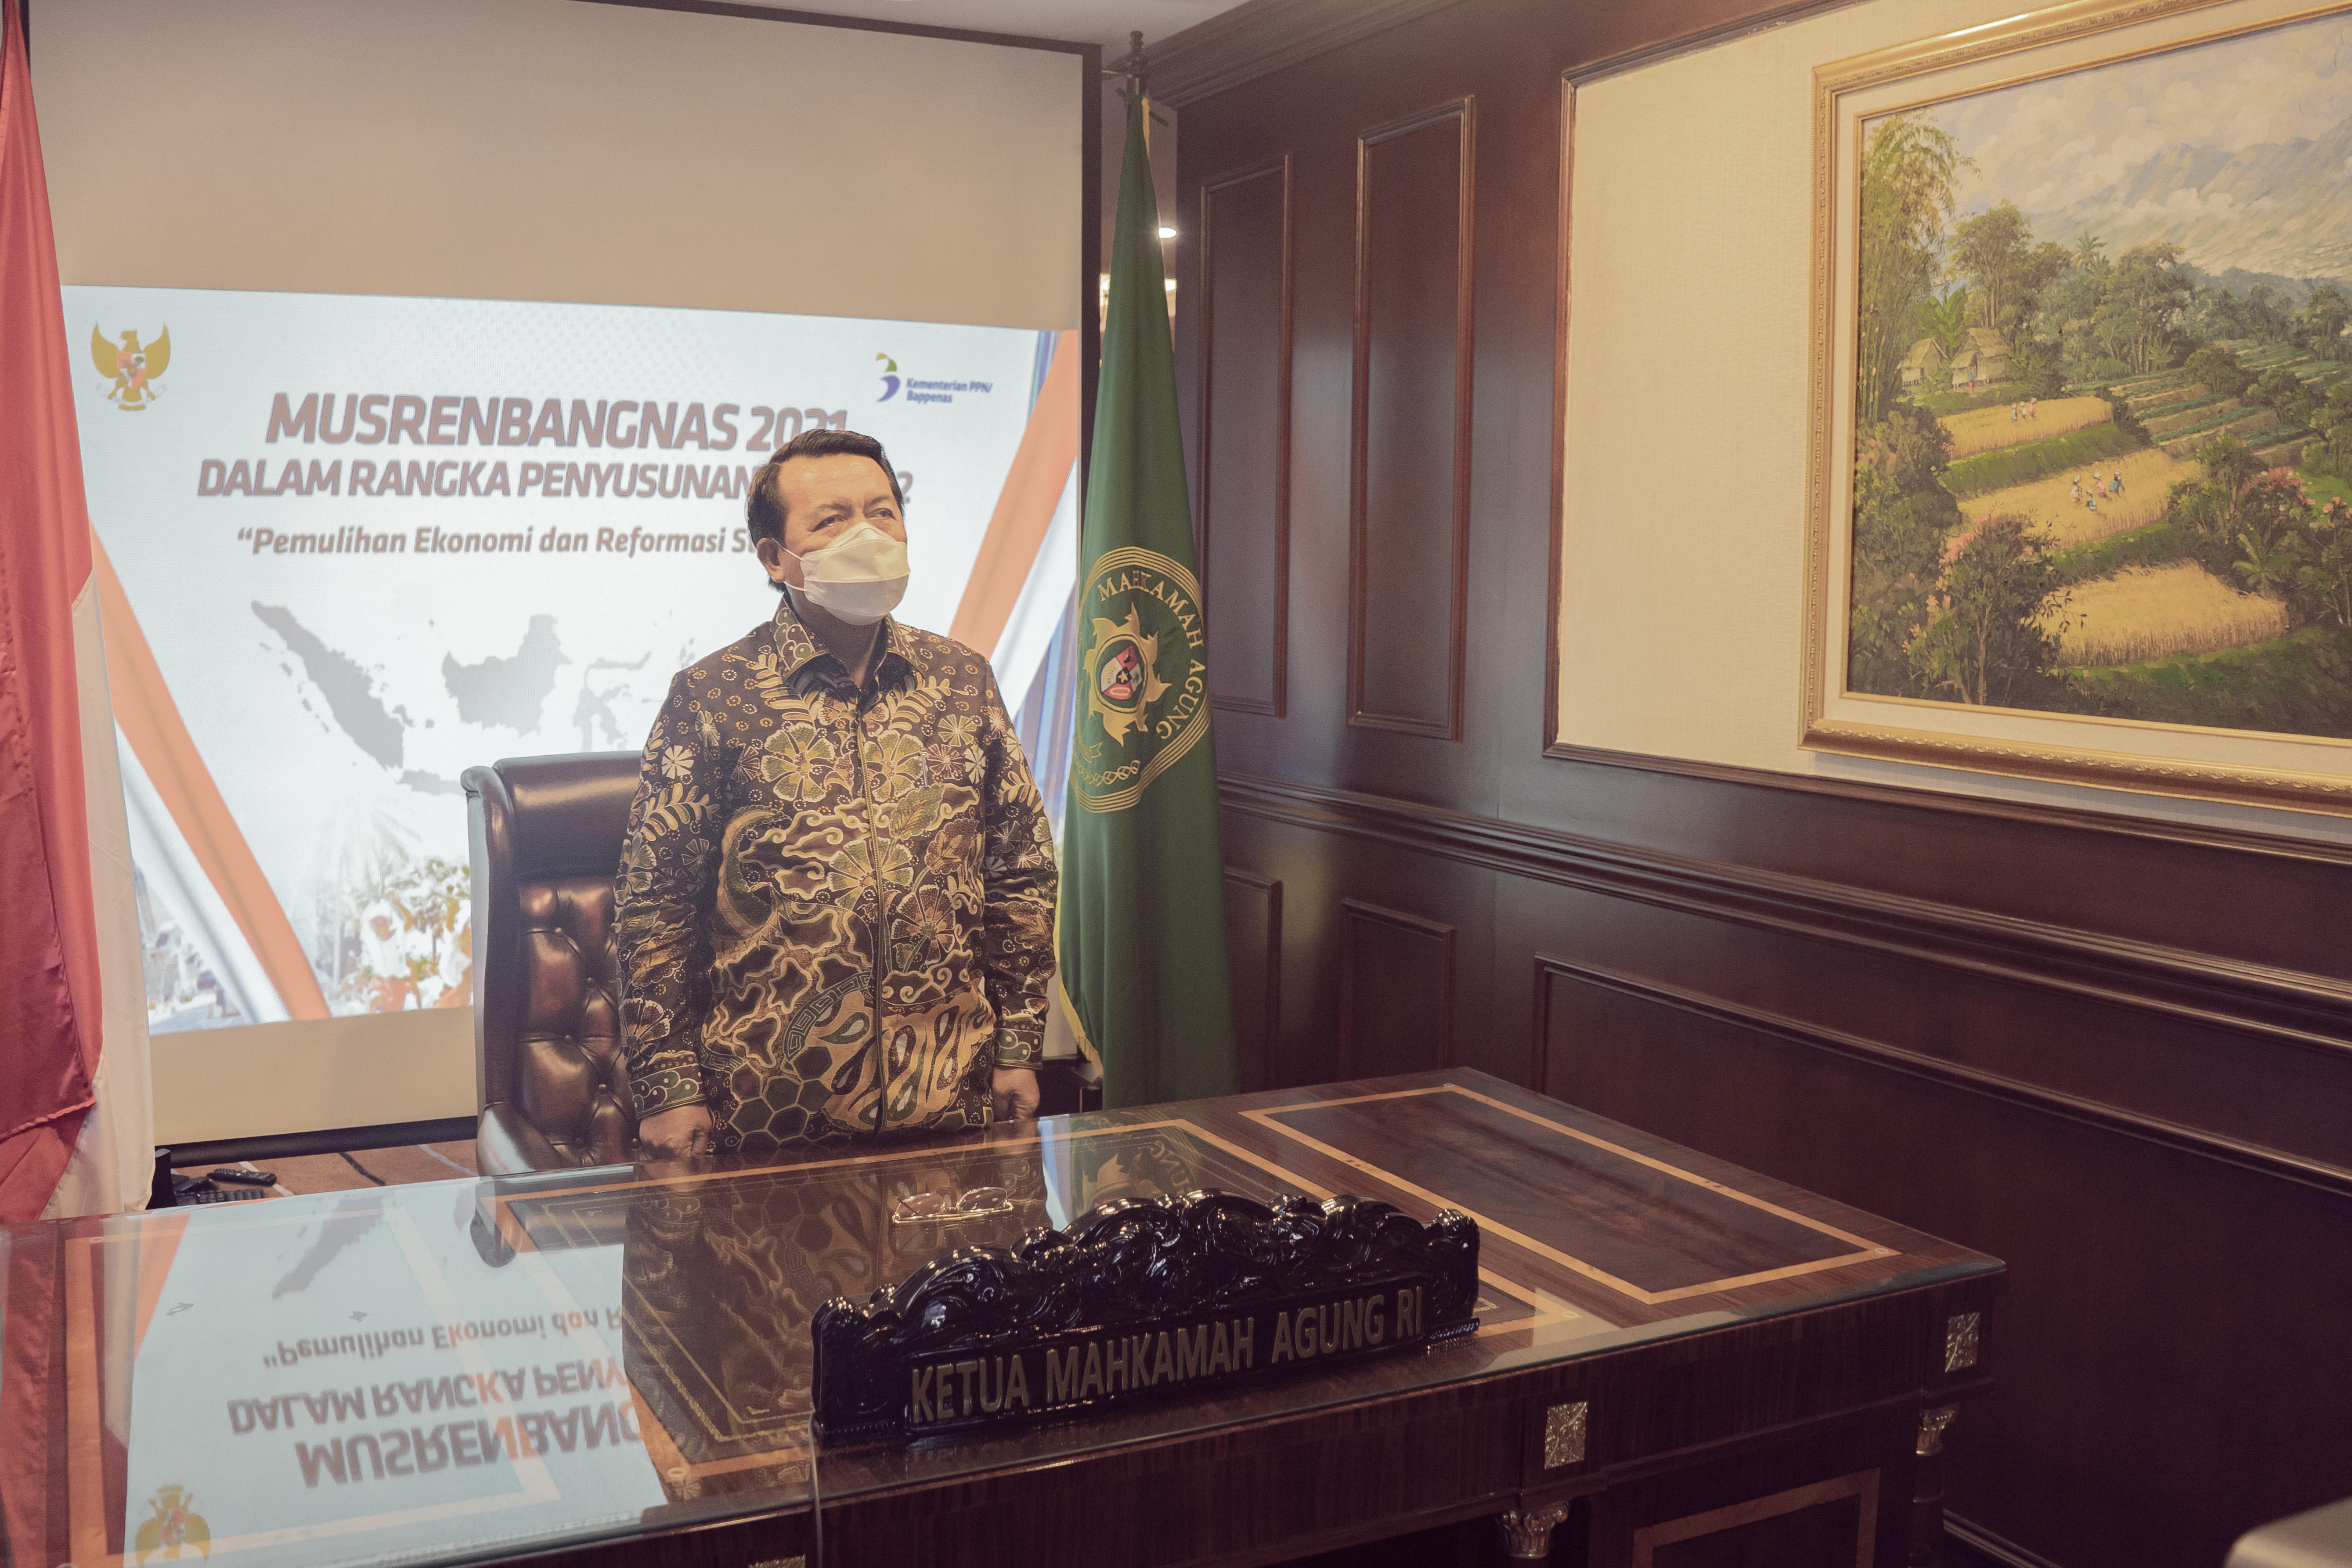 KMA HADIRI MUSREMBANGNAS 2021 SECARA VIRTUAL